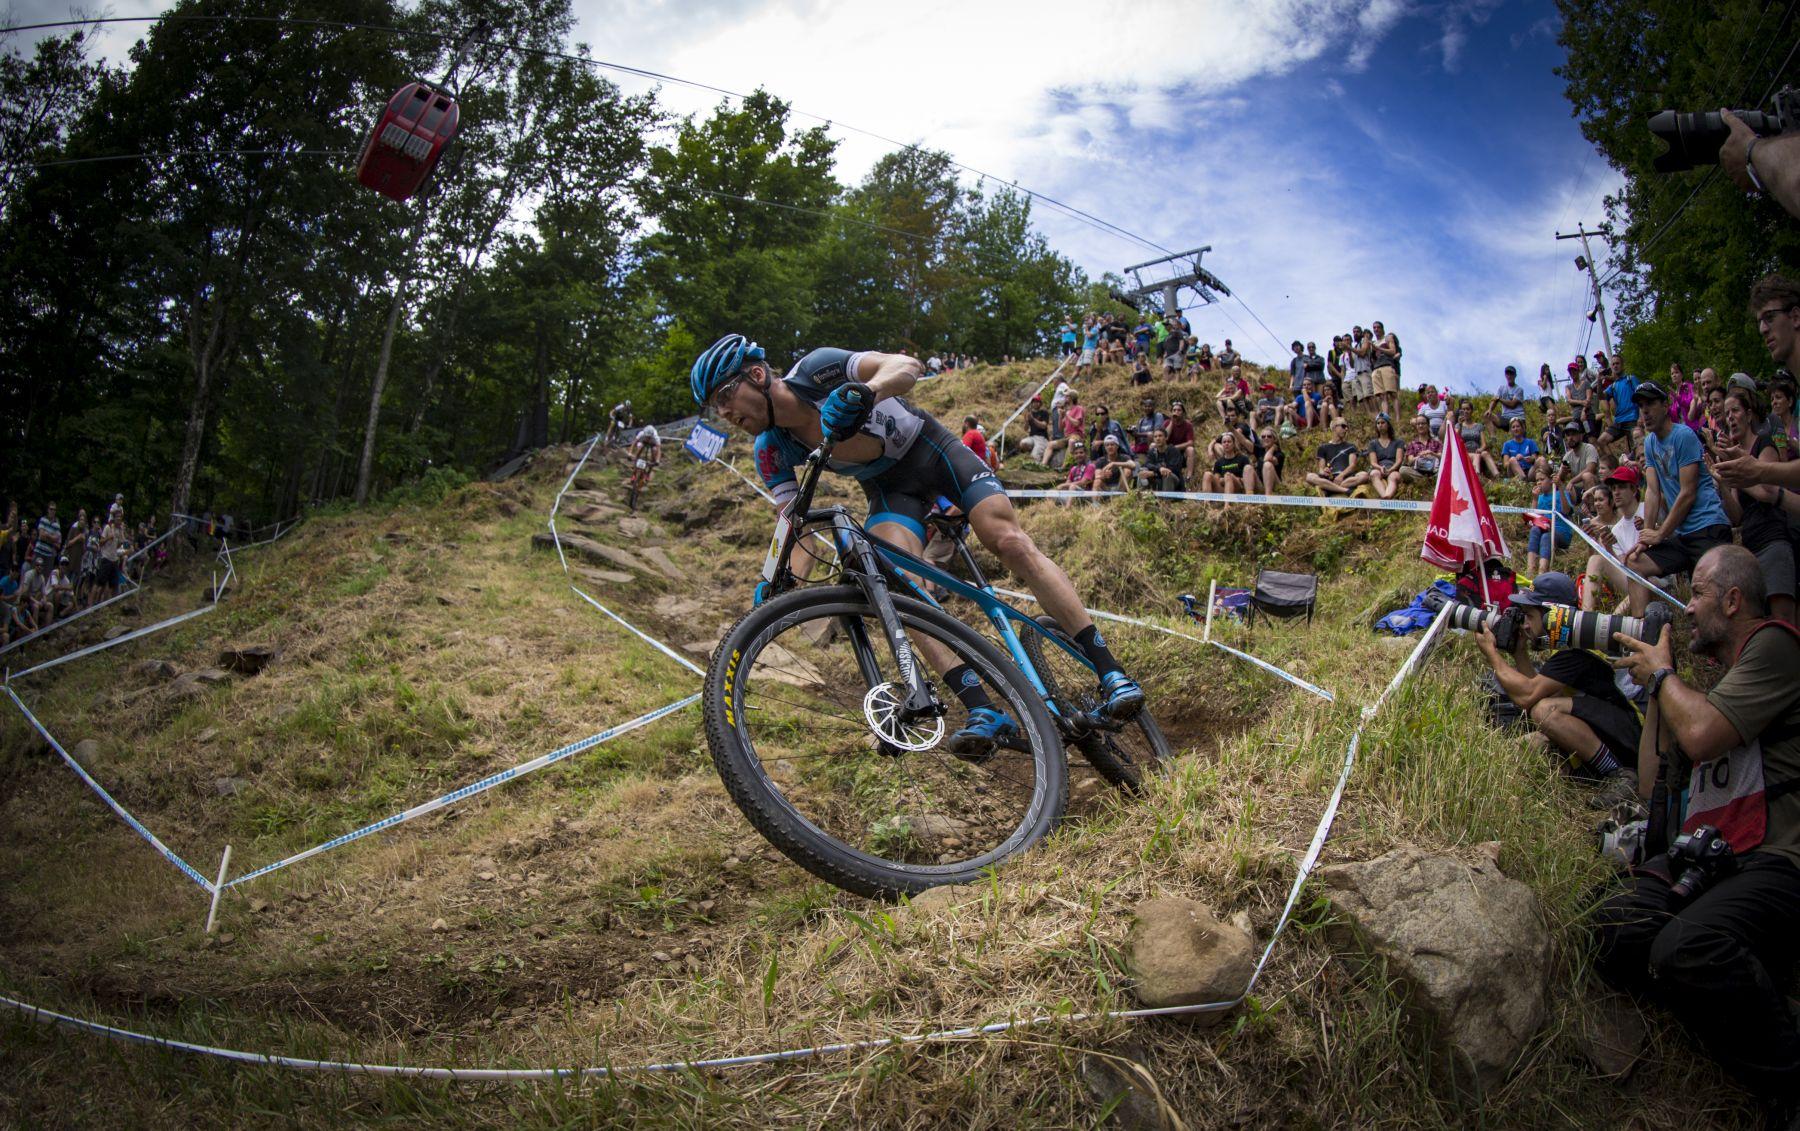 La trialera que volvía a concentrar la atención de bikers y espectadores